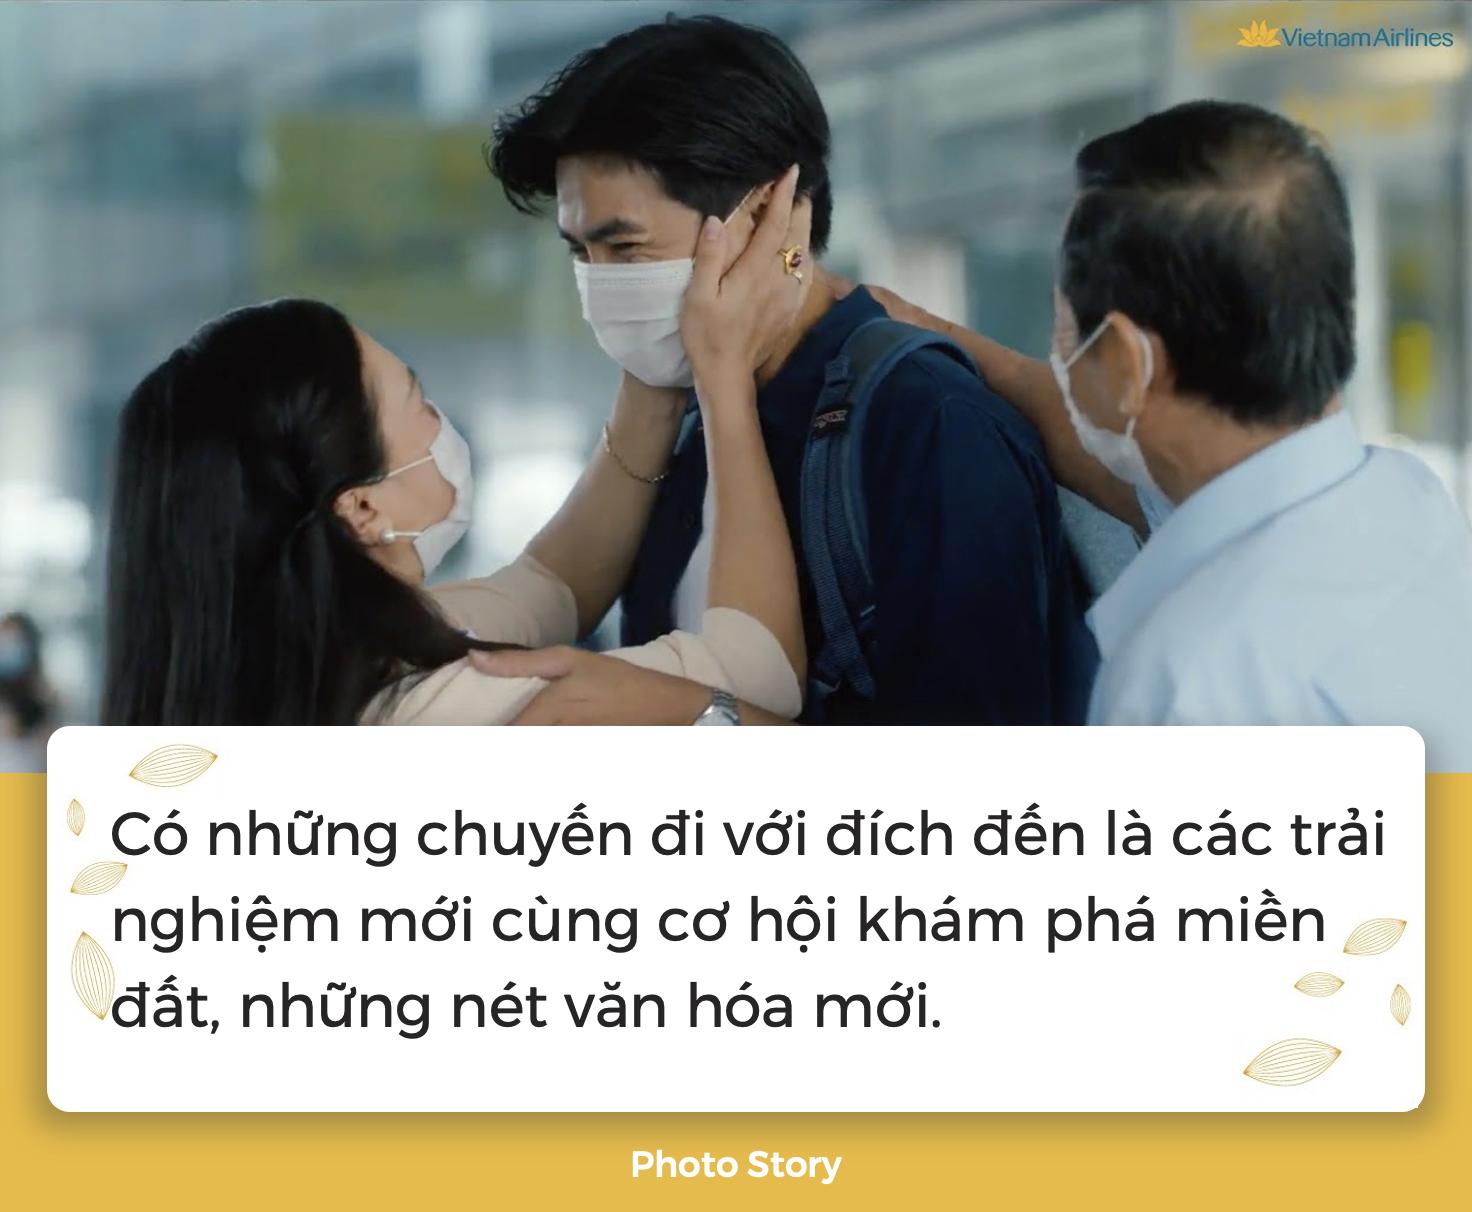 """Cùng Vietnam Airlines lan tỏa thông điệp """"Vì sao chúng ta bay?"""", sẵn sàng mang niềm hy vọng đặt vào mùa xuân mới - Ảnh 2."""